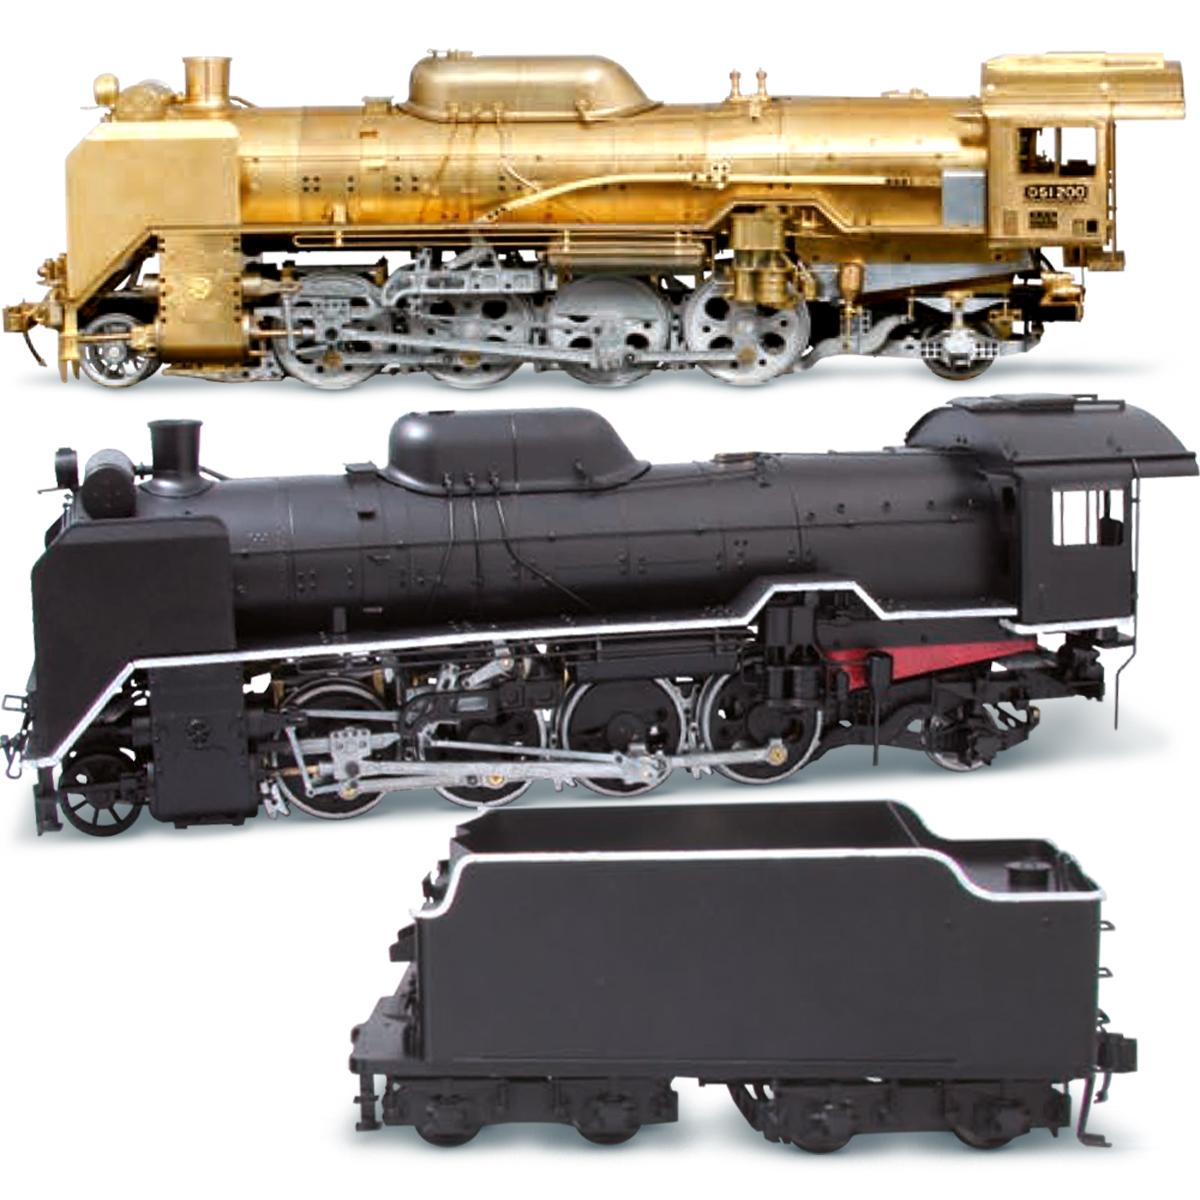 Сборная модель парового локомотива D51, масштаб 1:24. Китай